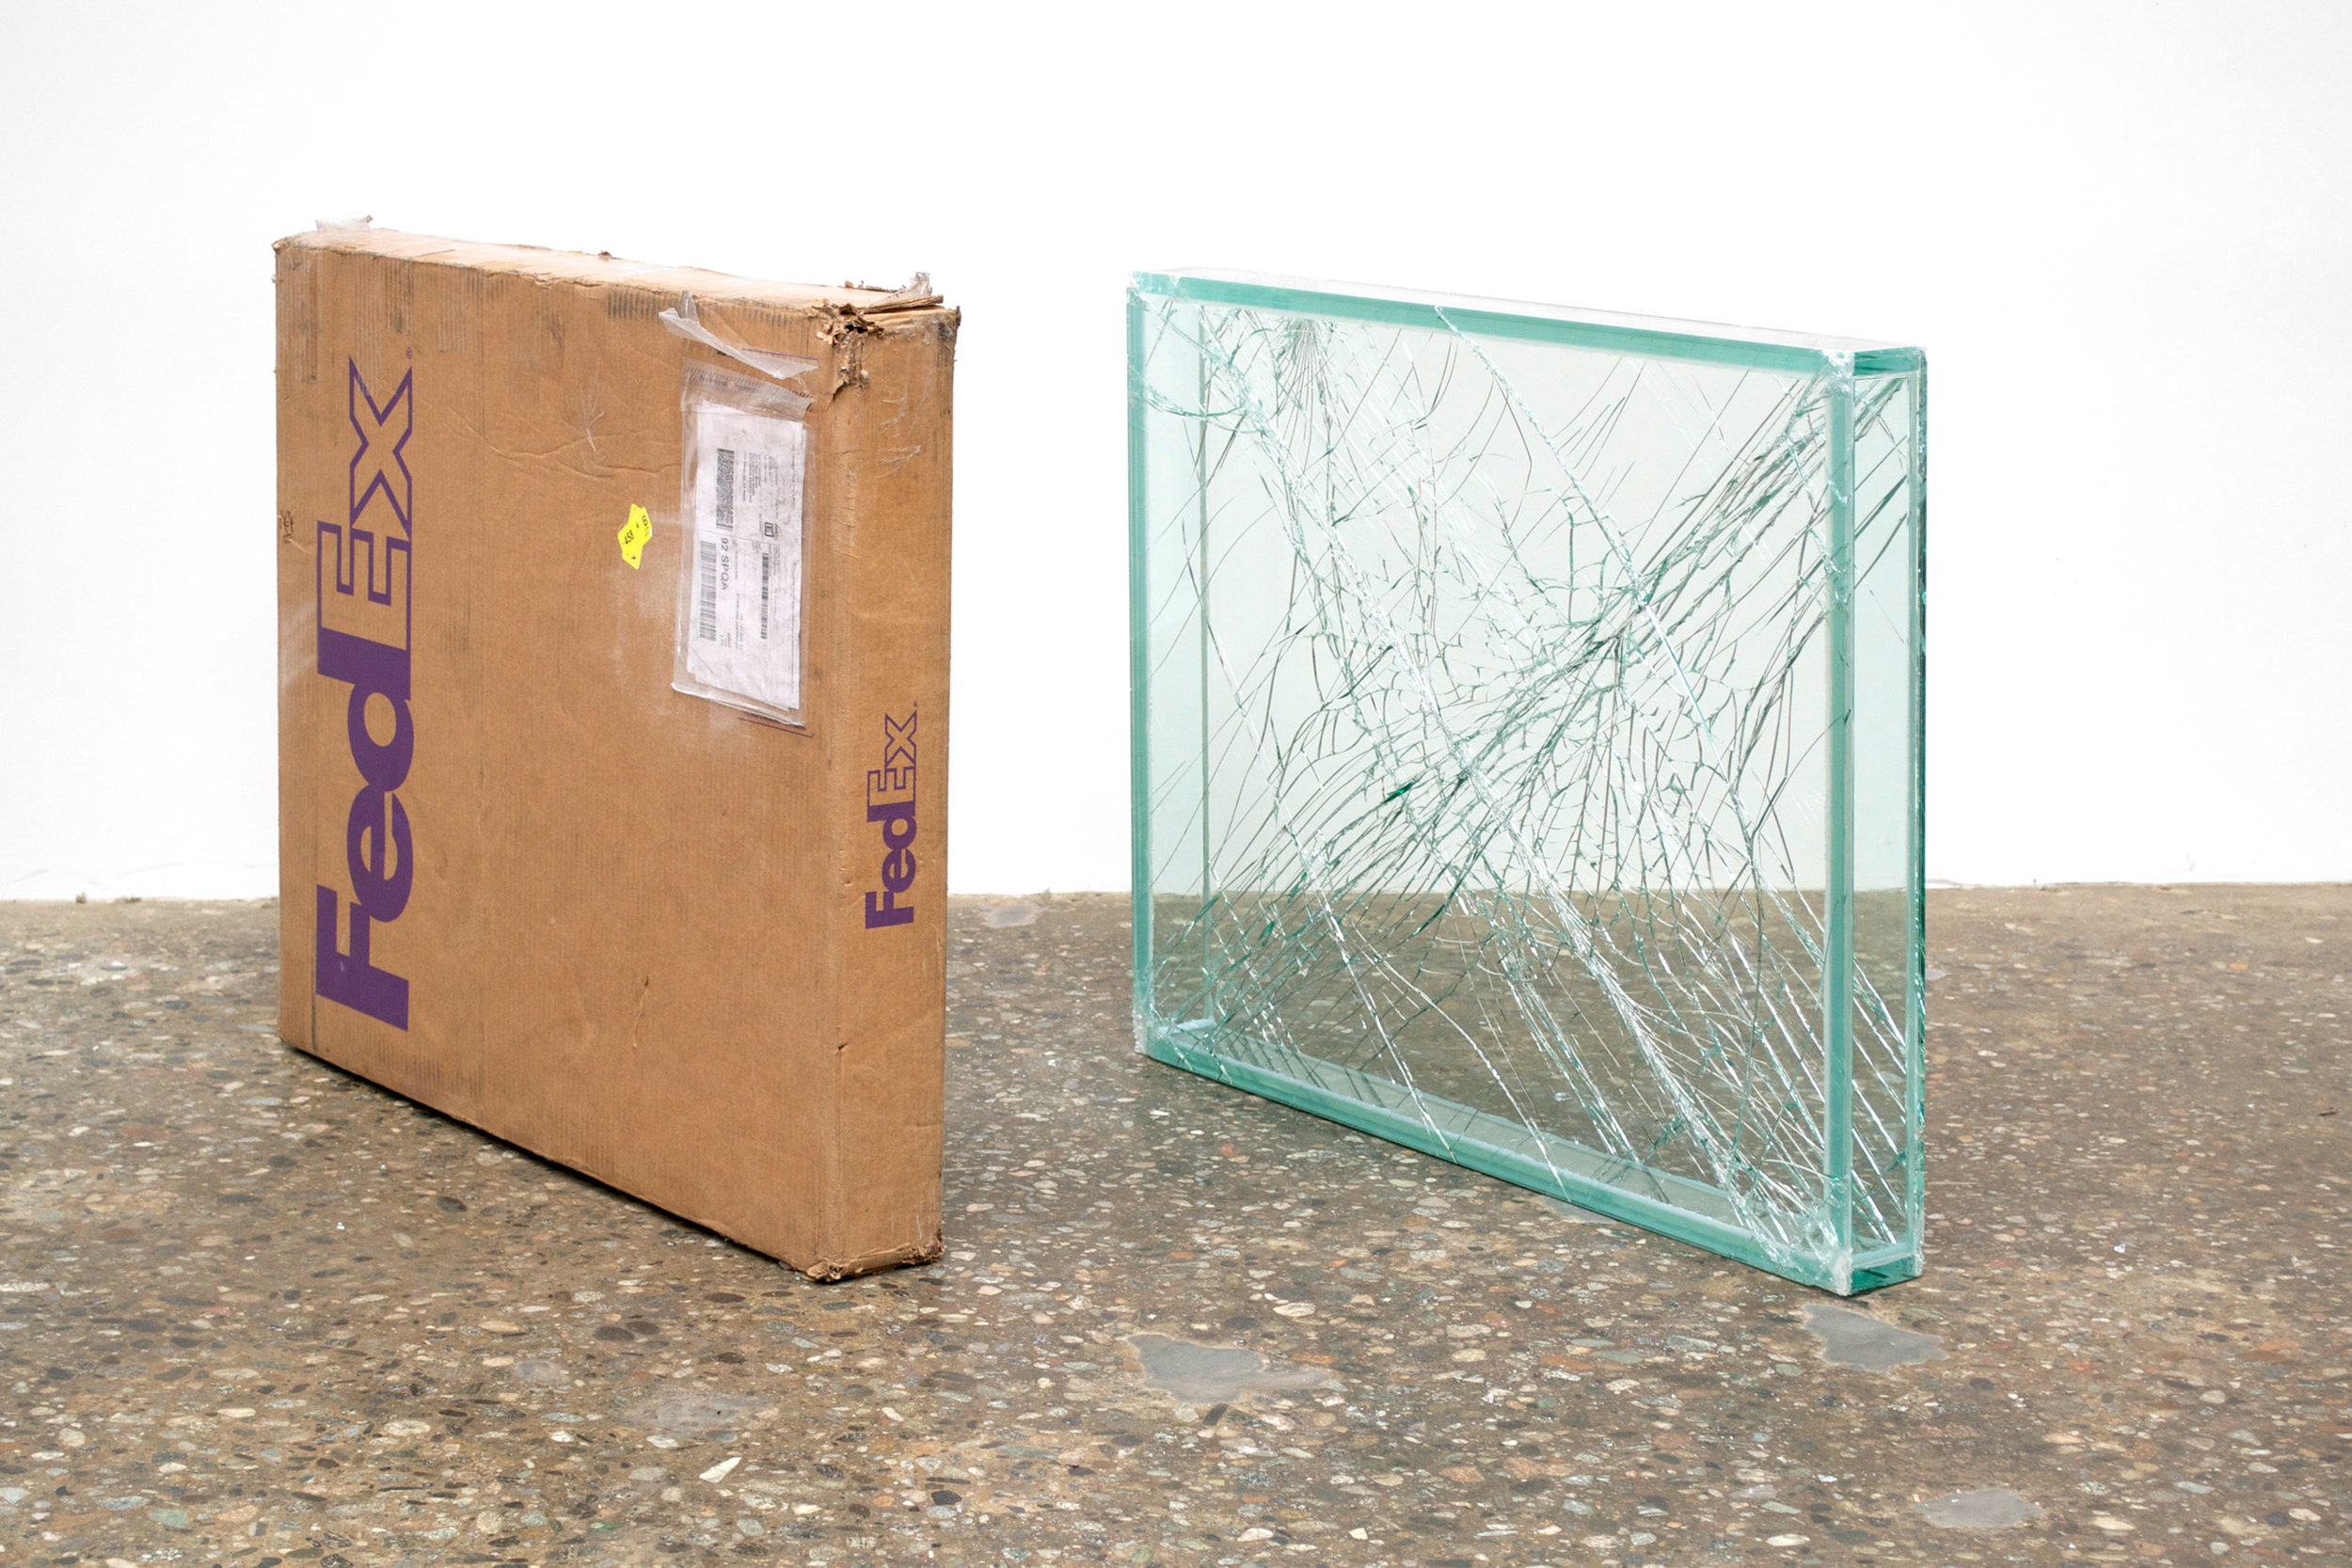 FedEx® Medium Framed Art Box ©2011 FedEx 163095 REV 7/11 Standard Overnight, Los Angeles–New York trk#798452111018, May 30–31, 2012, Standard Overnight, New York–Los Angeles trk#793621540796, May 31–June 1, 2012,  2012–